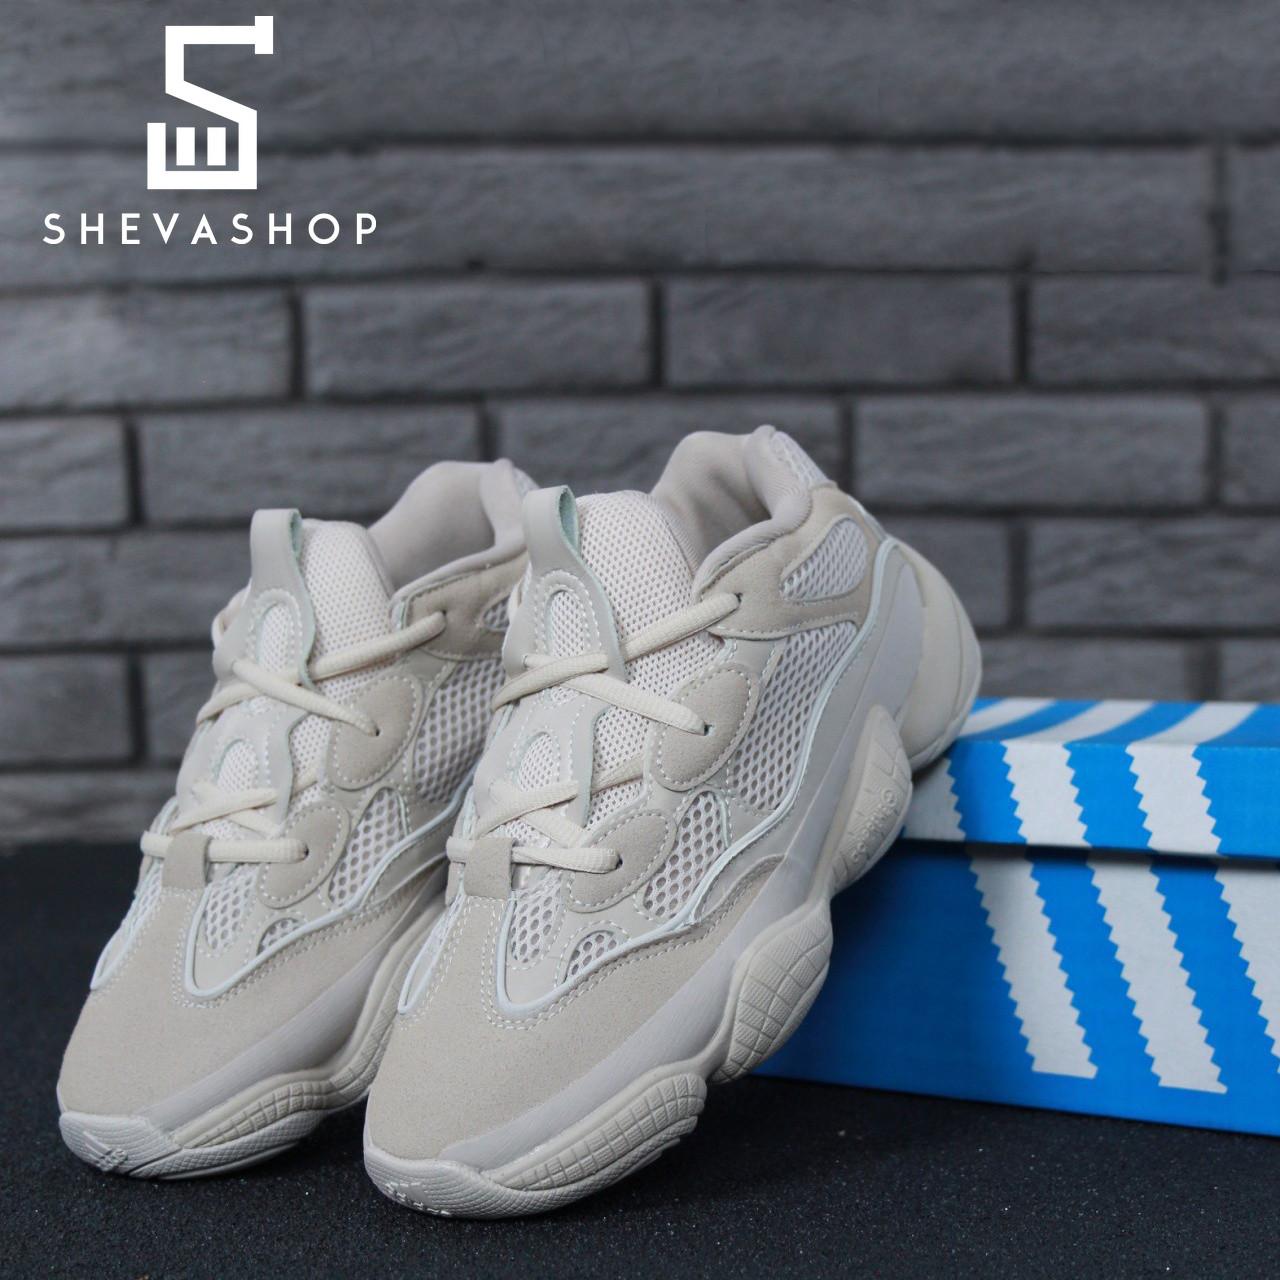 Кроссовки в стиле Ad*das Yeezy Boost 500 белые